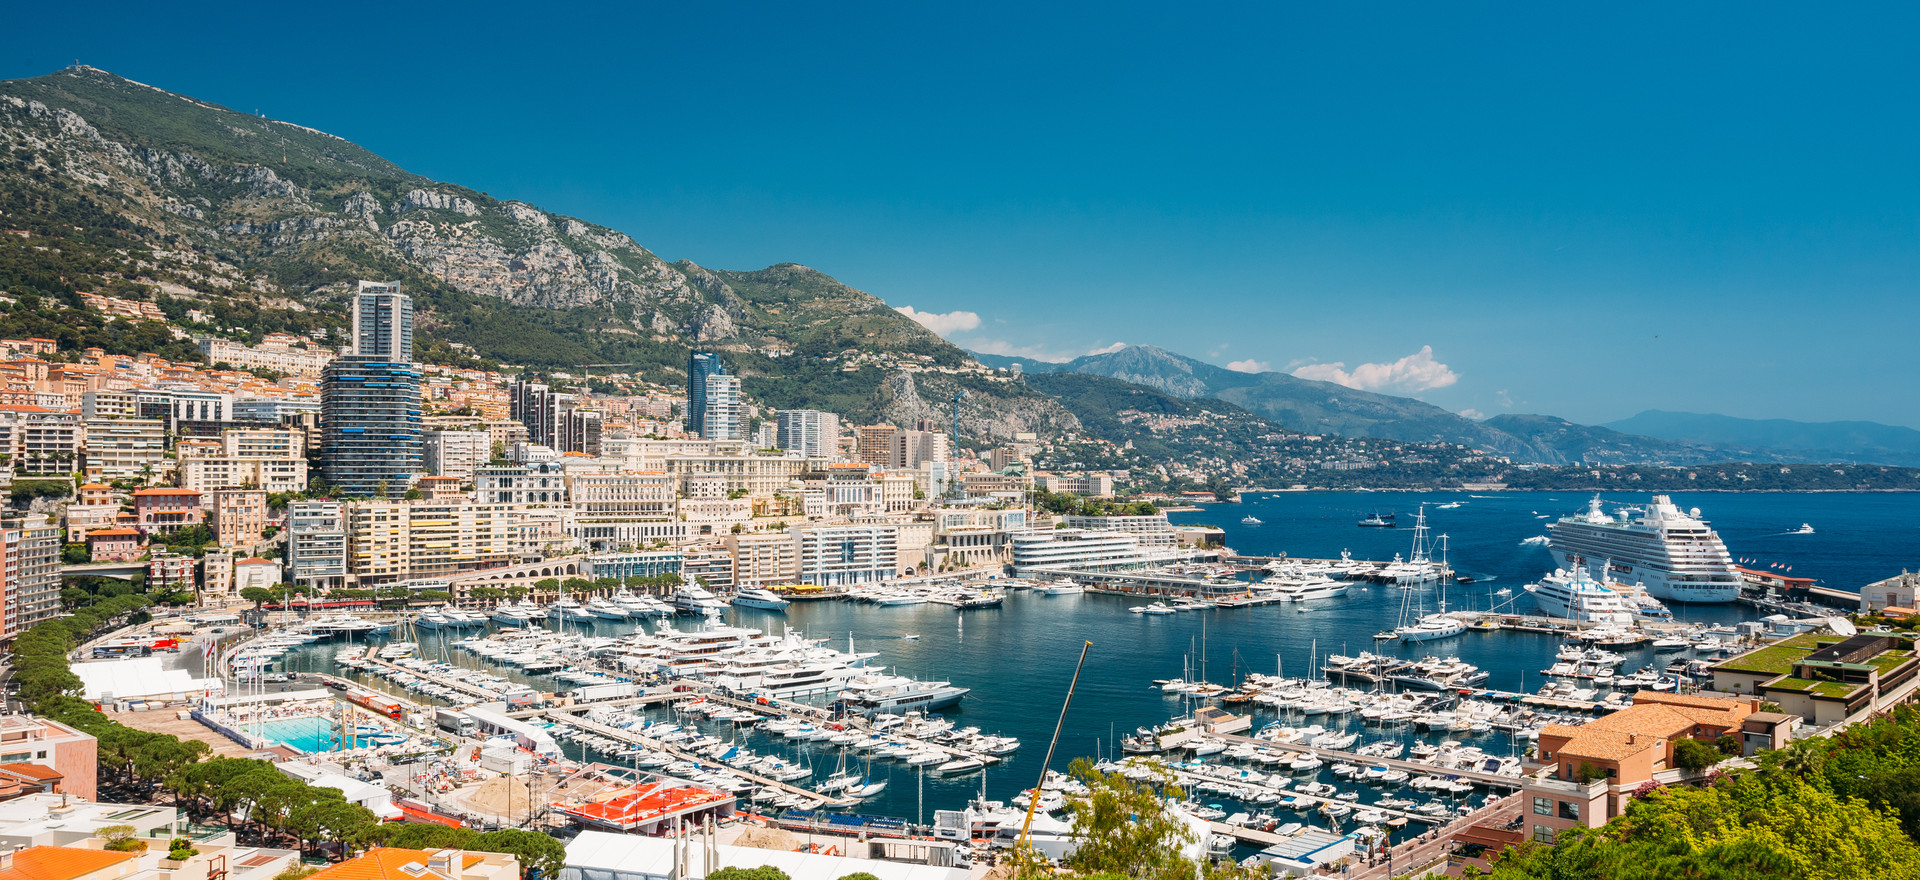 Monaco, Monte Carlo cityscape. Real esta